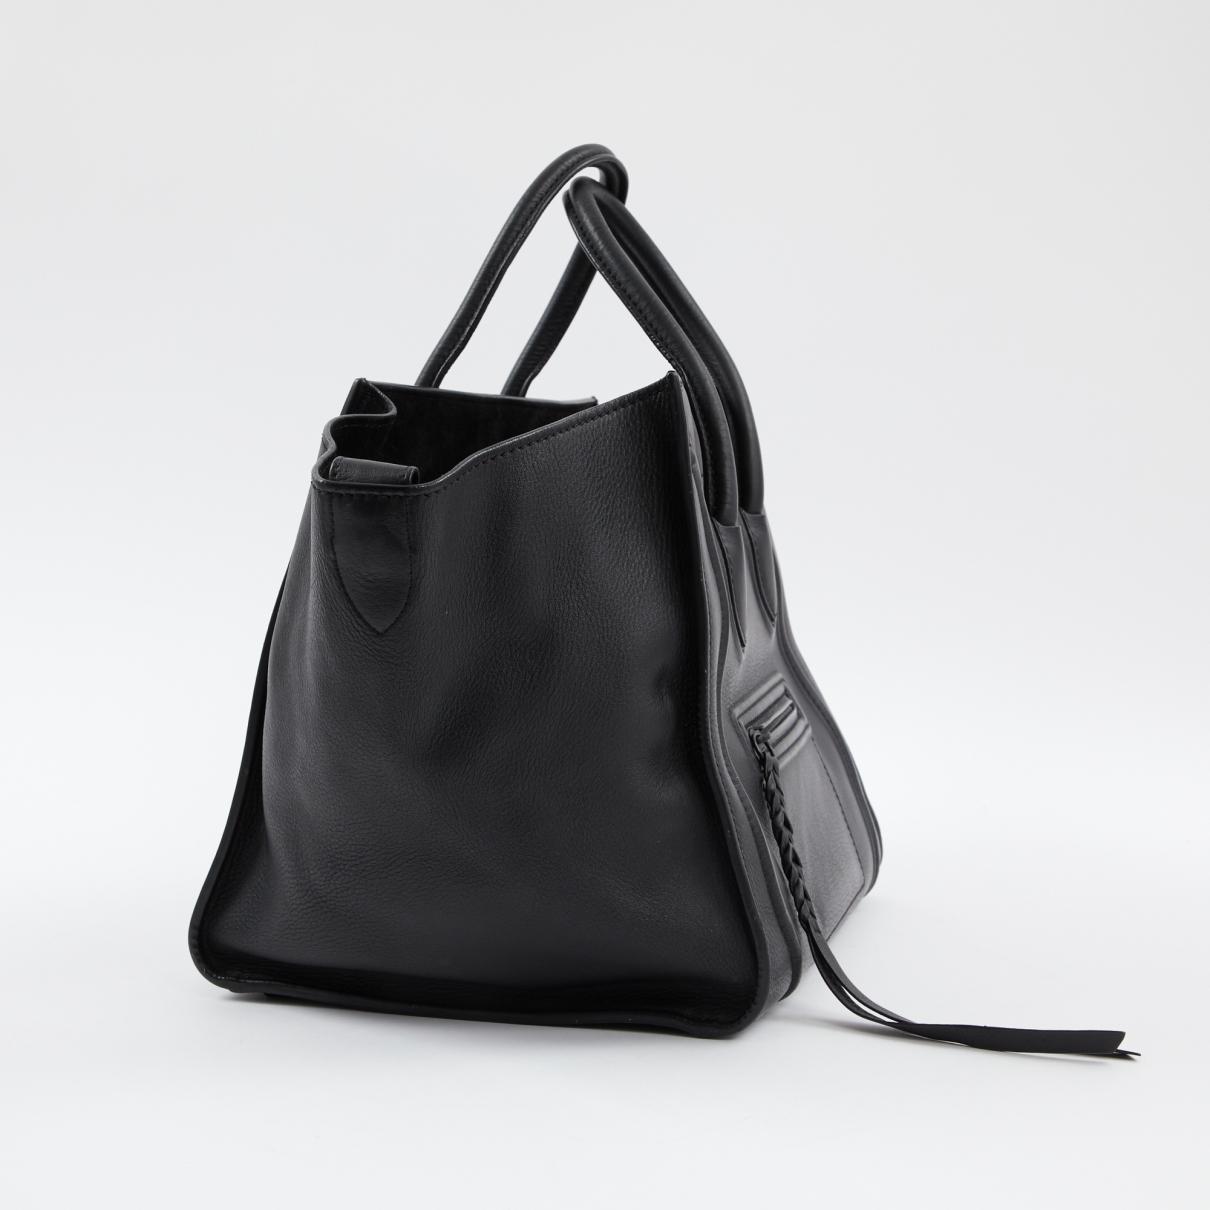 Sac à main Luggage Phantom en cuir Cuir Celine en coloris Noir j08i